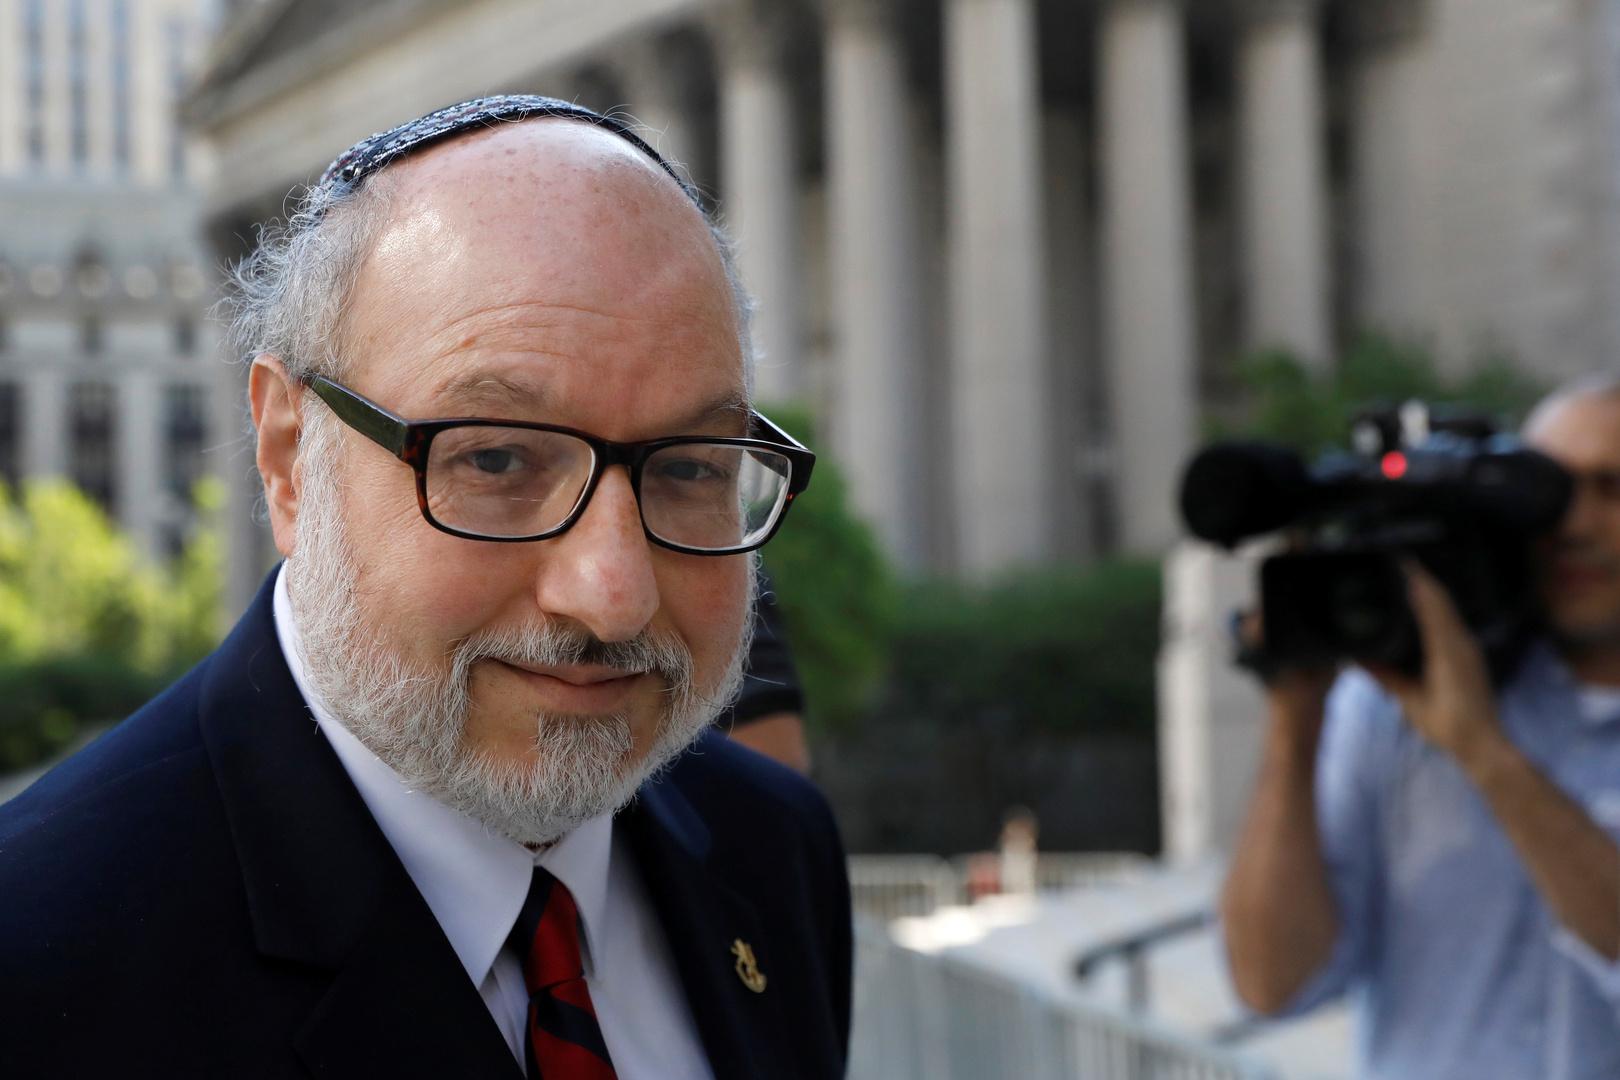 الجاسوس الأمريكي السابق بولارد يصل إلى إسرائيل